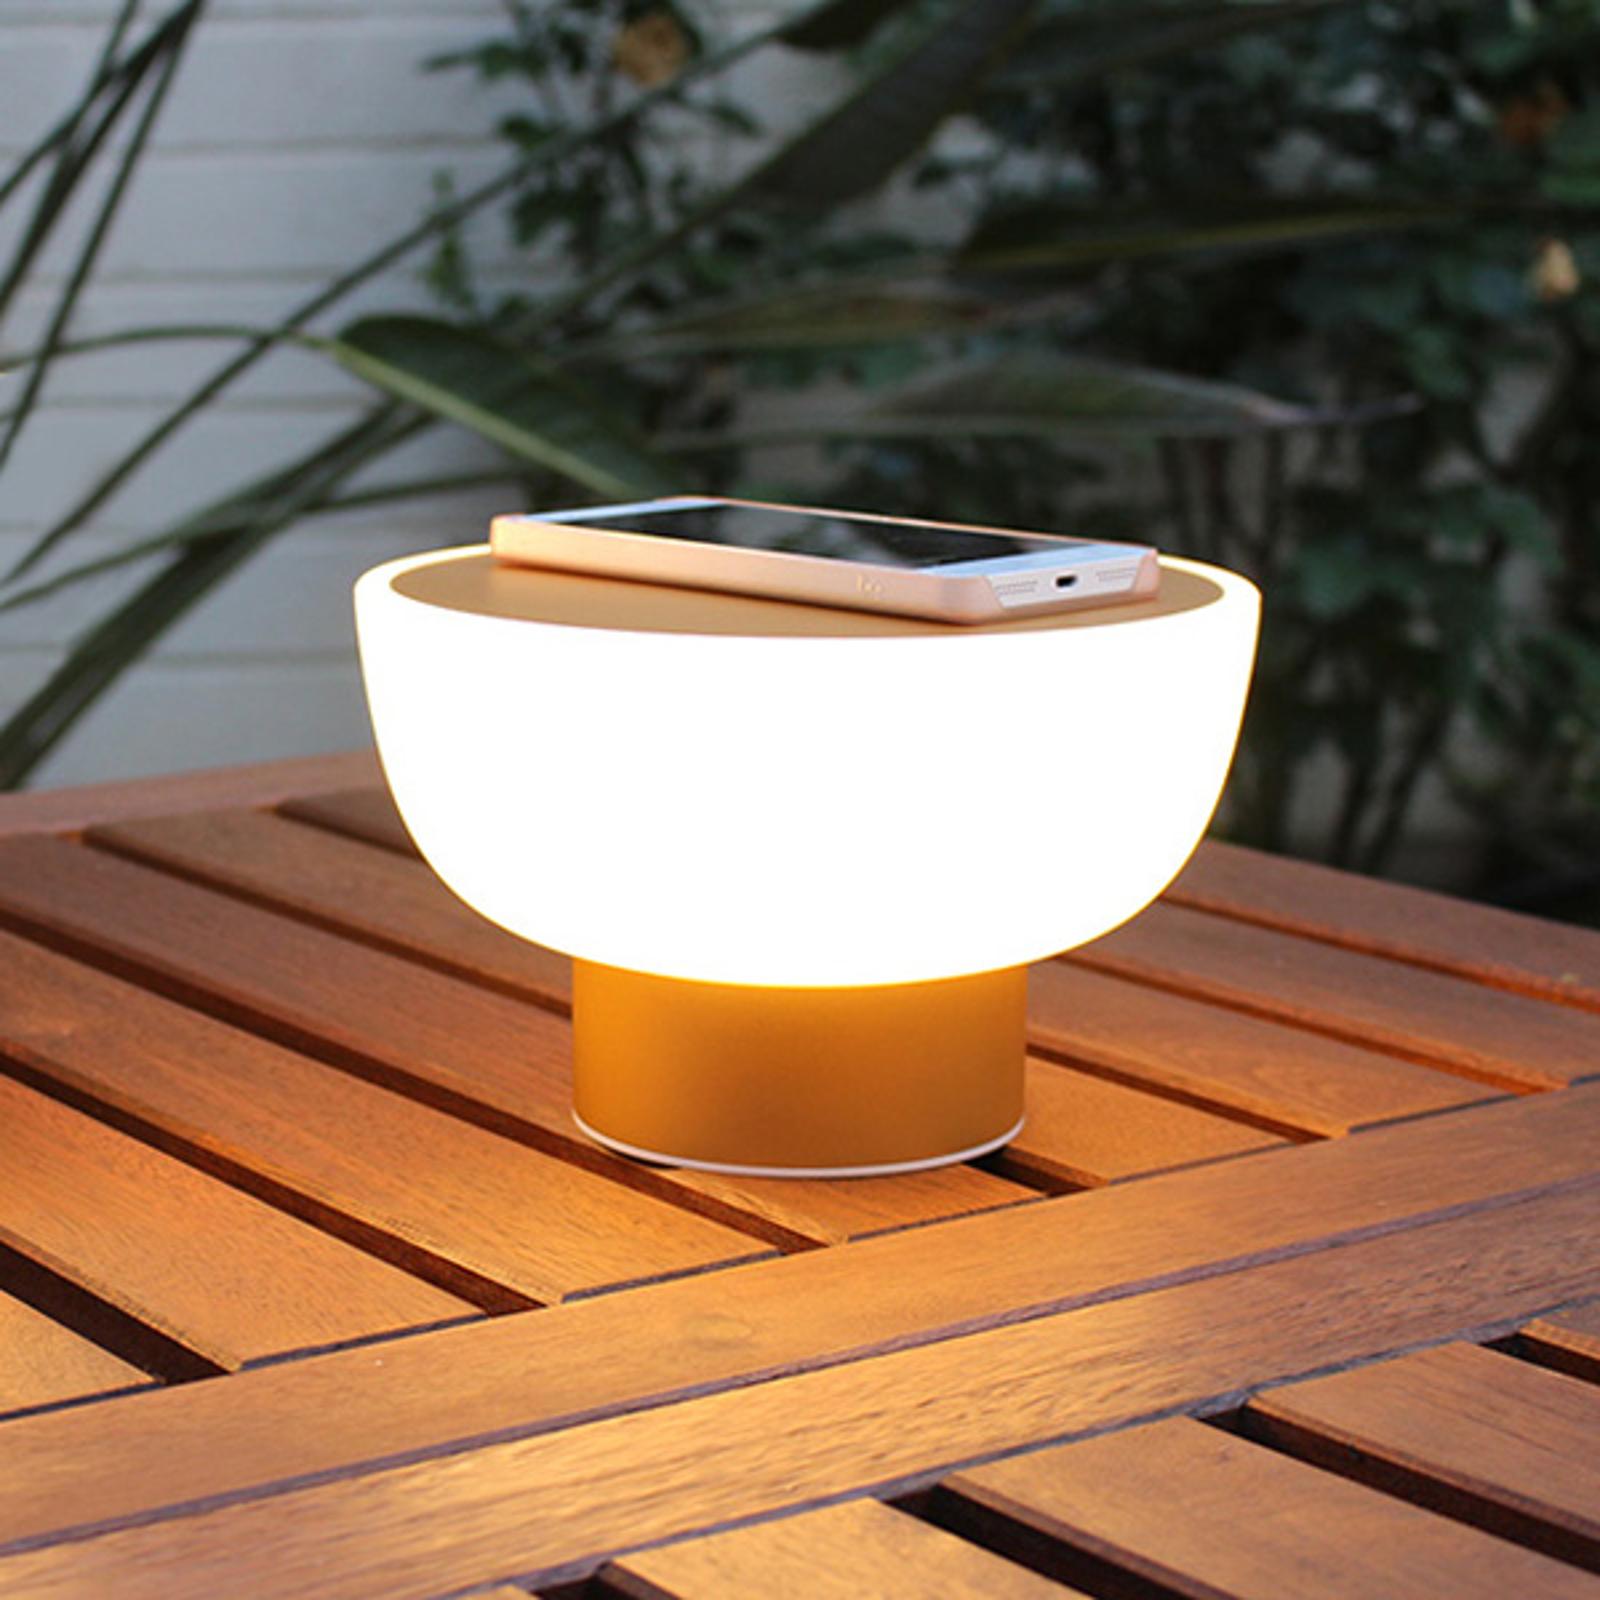 Utendørs LED-dekorasjonslampe Patio, gull, 20 cm